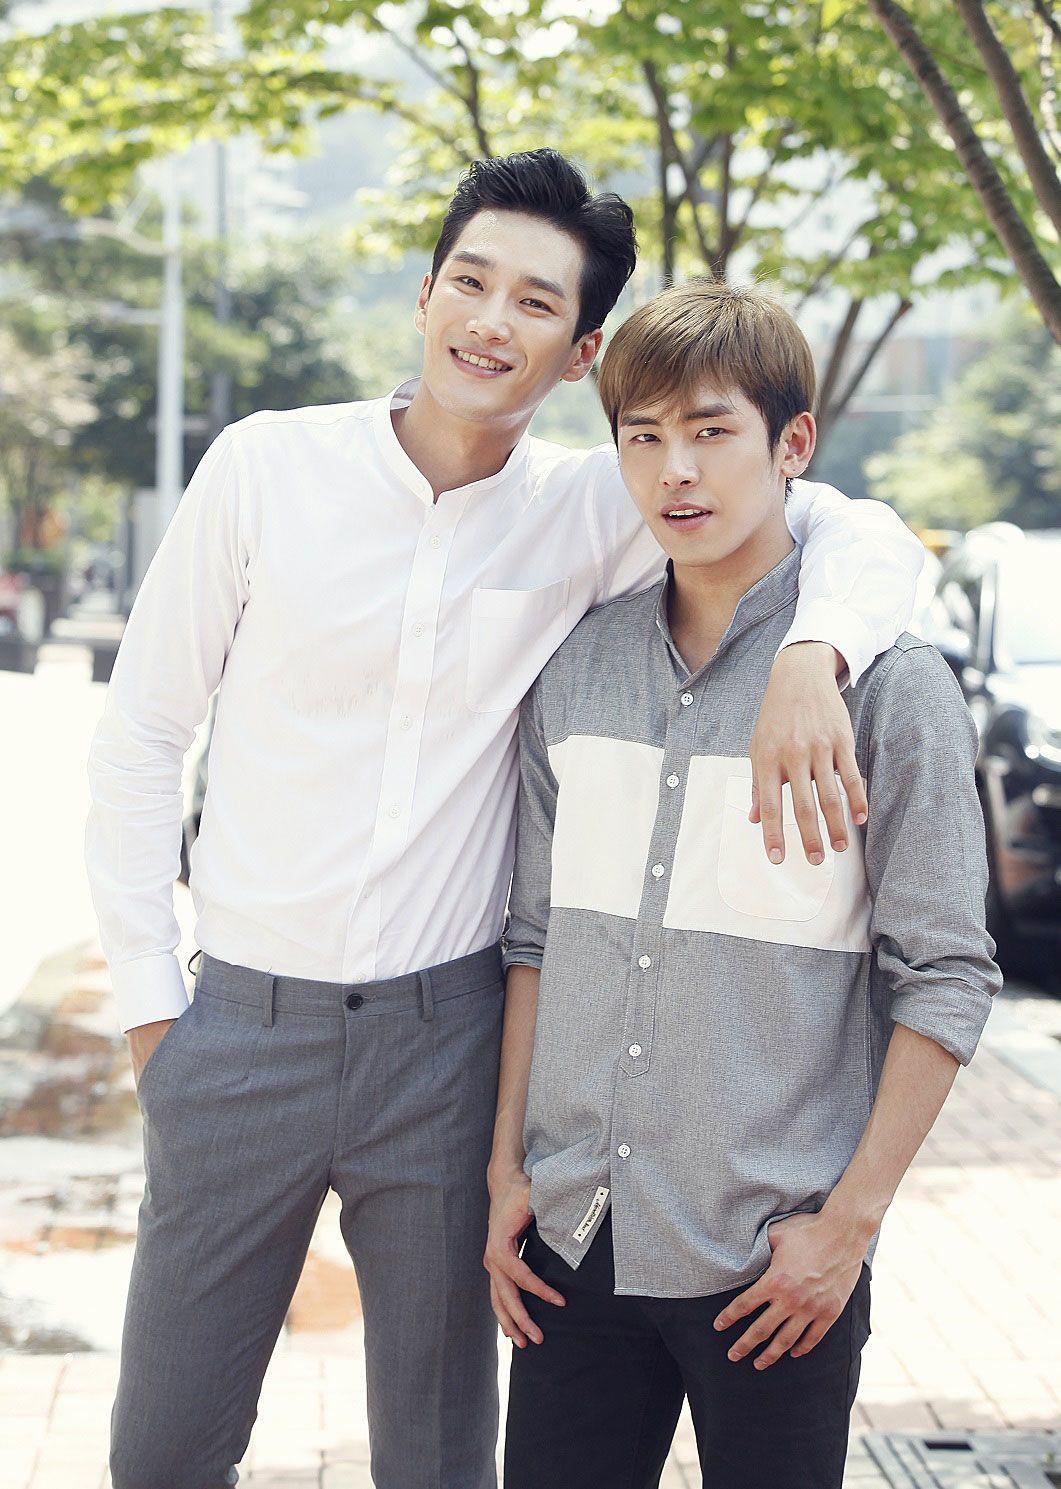 Kết hôn với Song Joong Ki, Song Hye Kyo được sao nam khác của Hậu duệ mặt trời thổ lộ yêu thầm suốt 6 tháng - Ảnh 2.